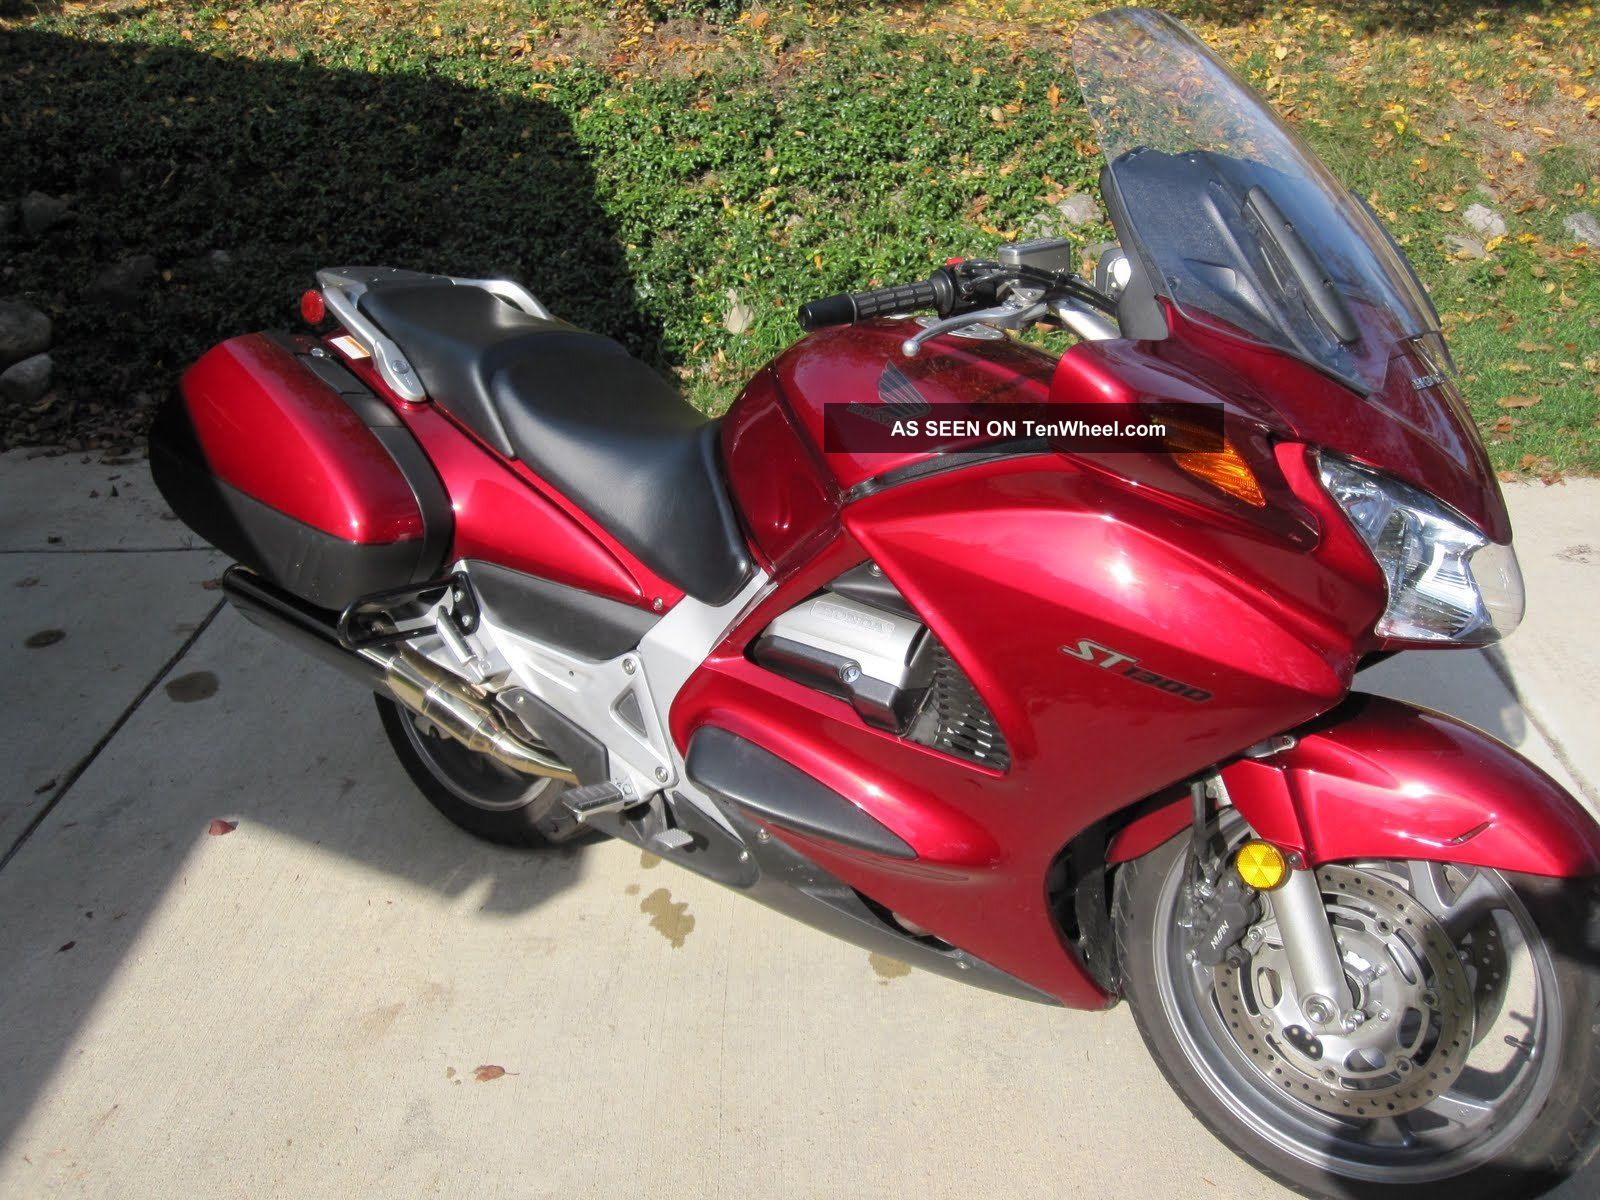 2006 Honda Vtx 1300r Owners Manual Motorcycles Repair